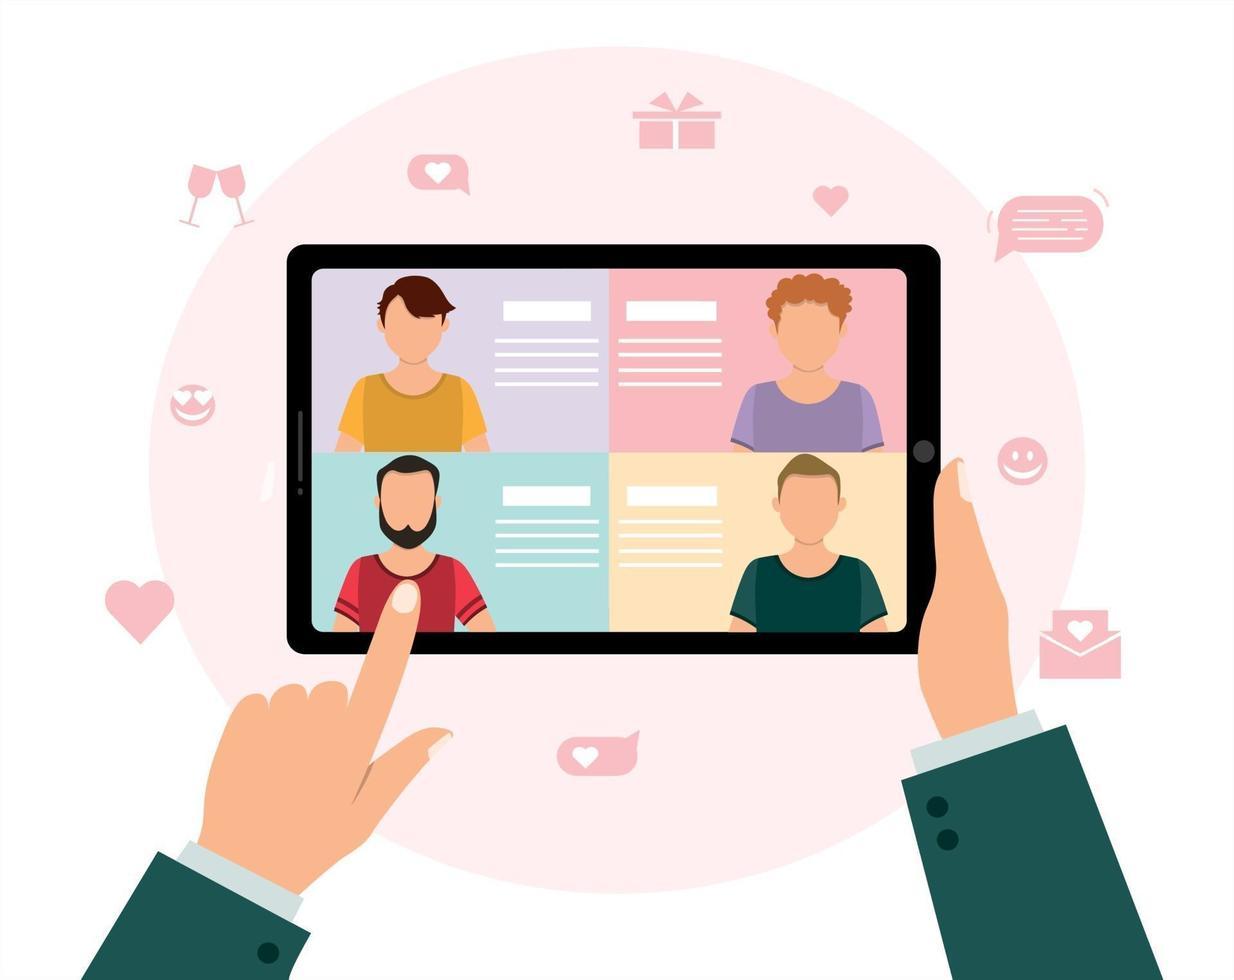 sociale afstand en liefde op internet. online dating lgbt-paar, de hand van een man die een tablet vasthoudt en mannen kiest op een virtuele liefdesapp, vectorillustratie vector